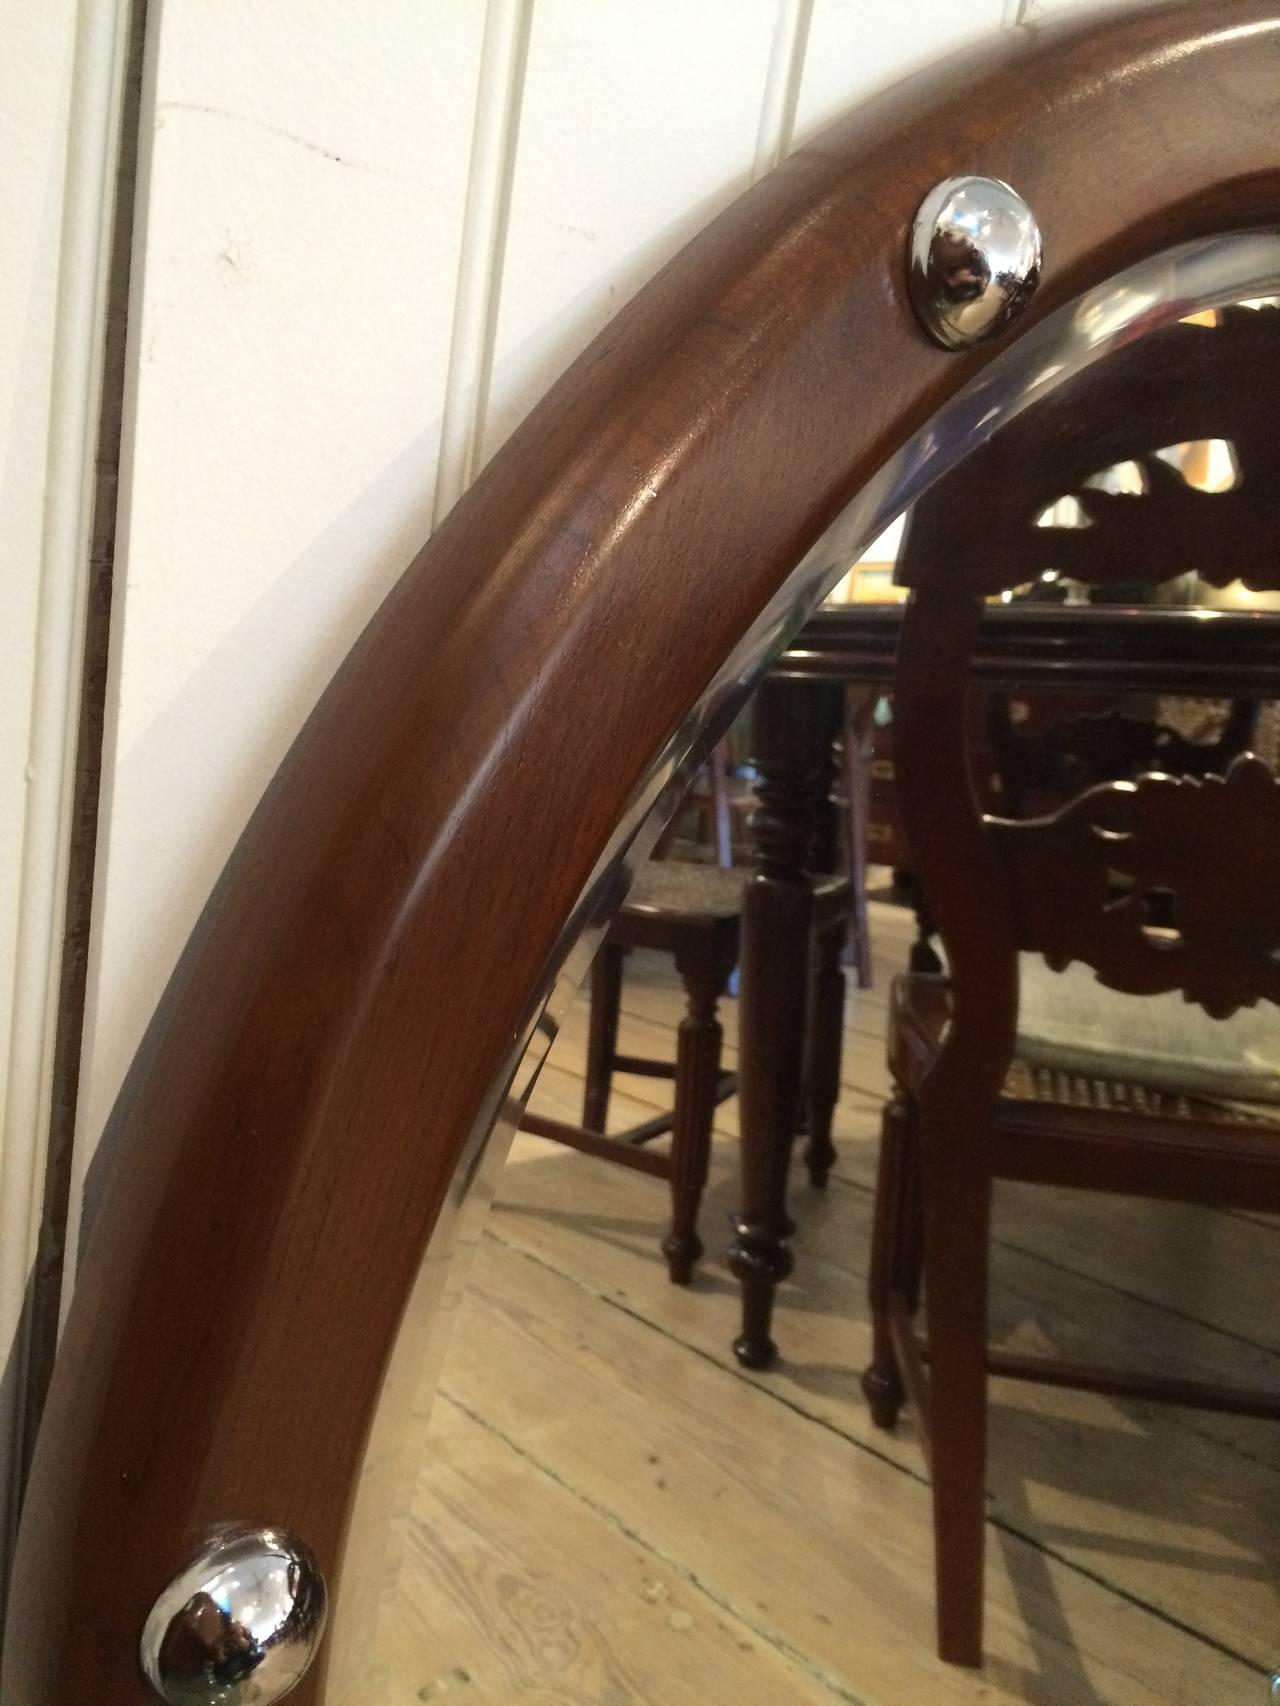 European Teak and Chrome Ship's Stateroom Mirror, Mid-Century